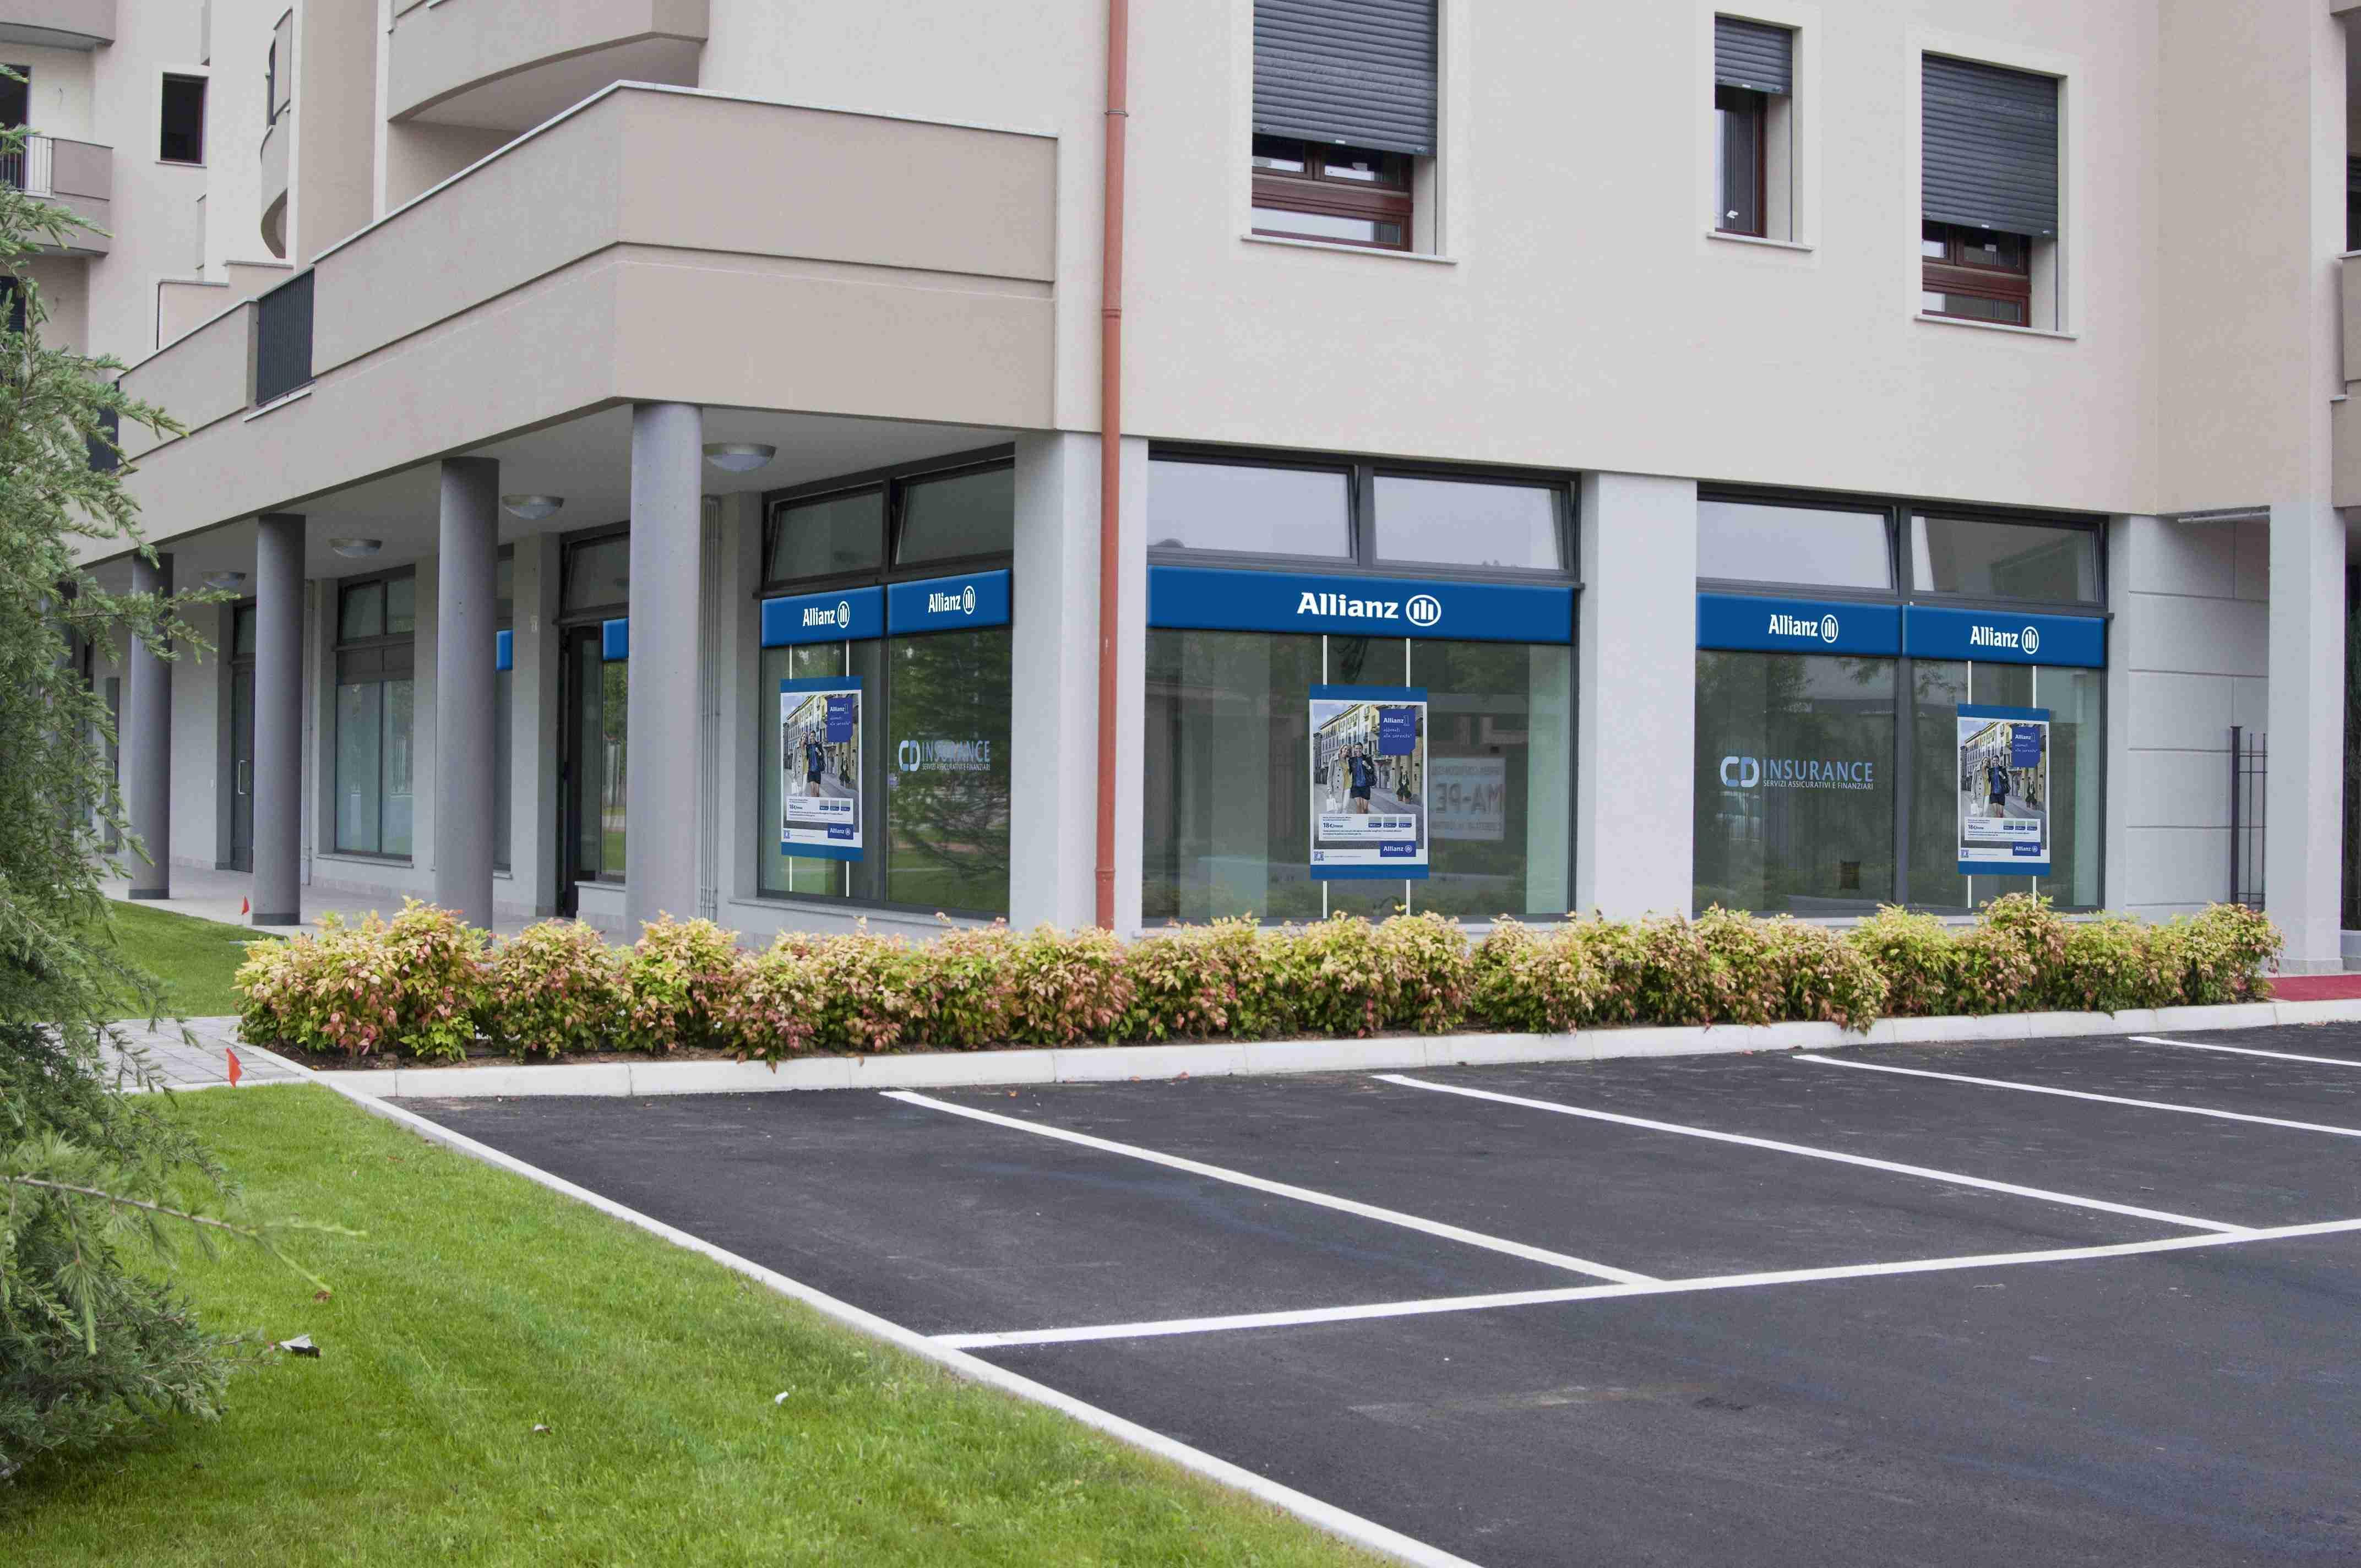 vetrina cdinsurance - assicurazione allianz magenta